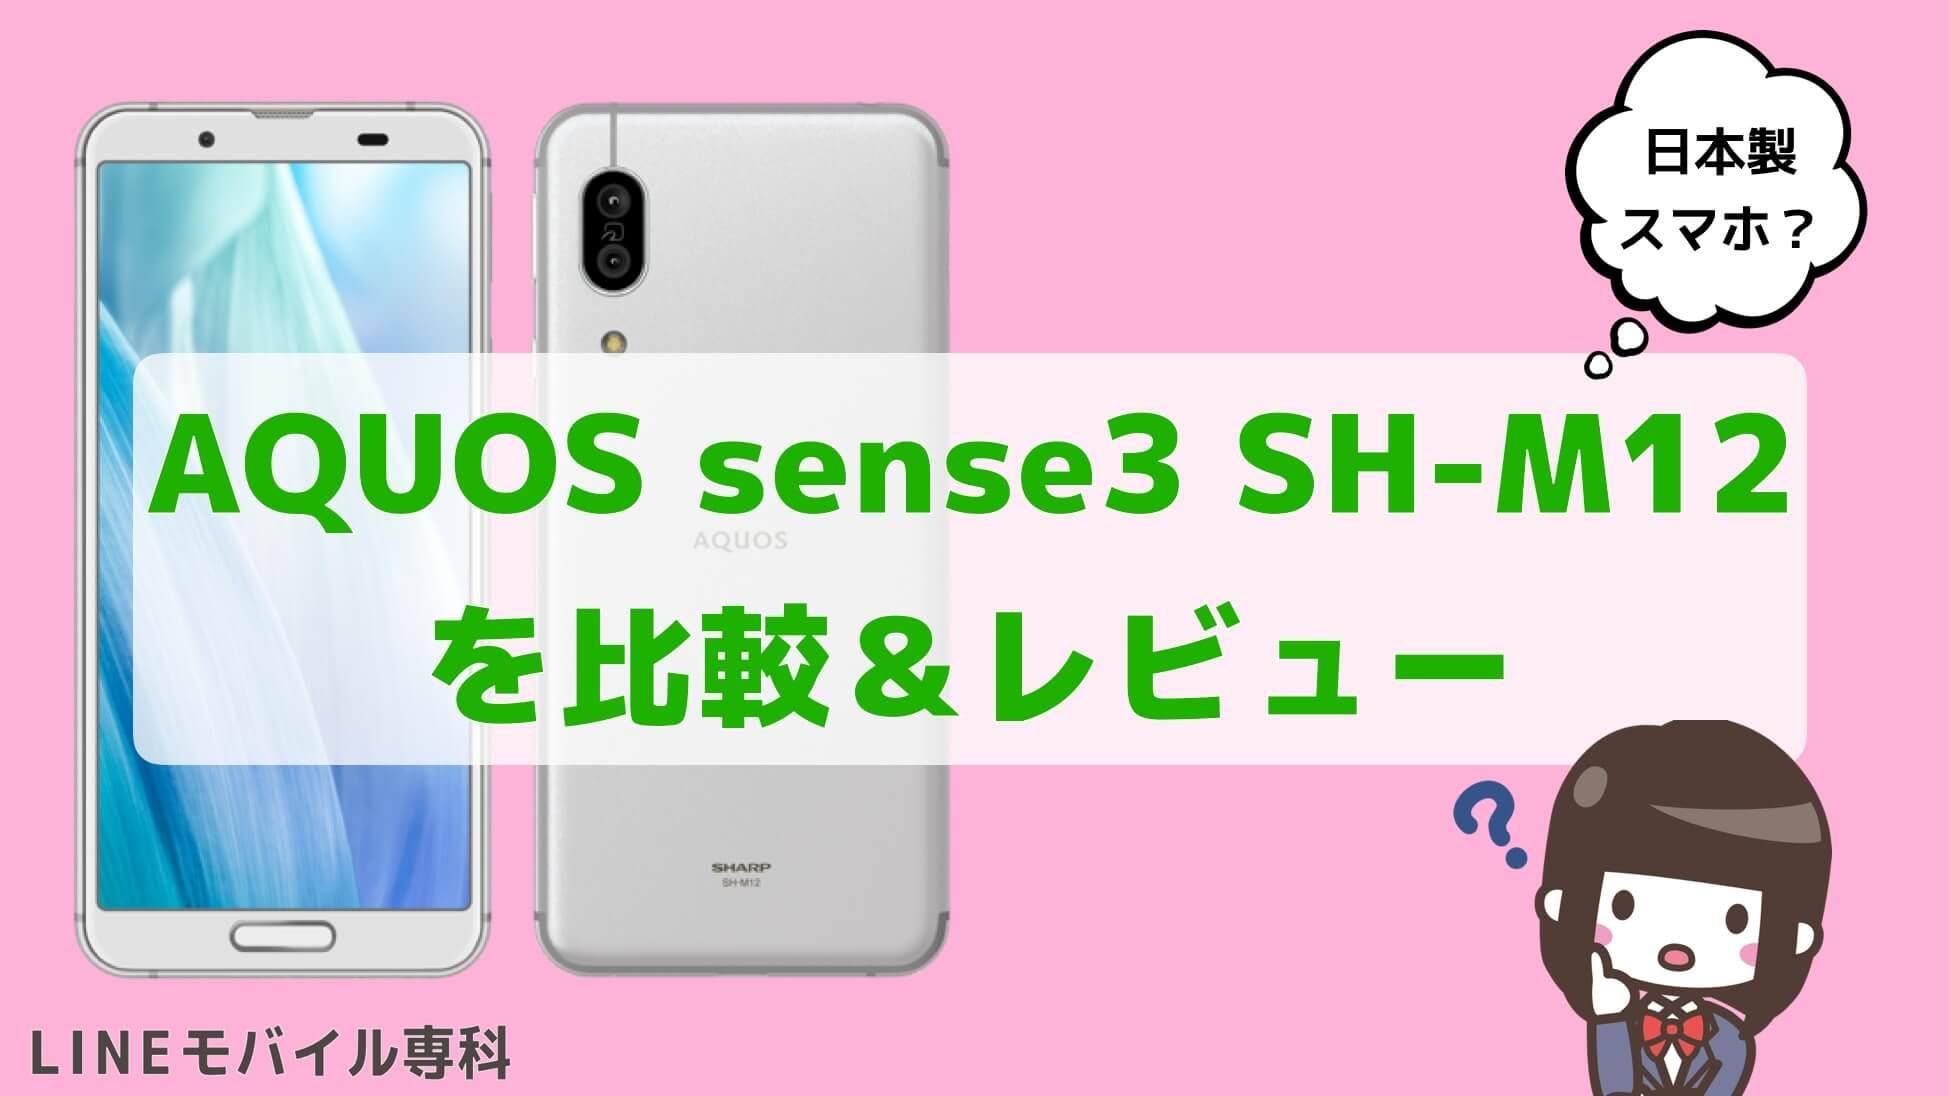 AQUOS sense3 SH-M12のレビュー